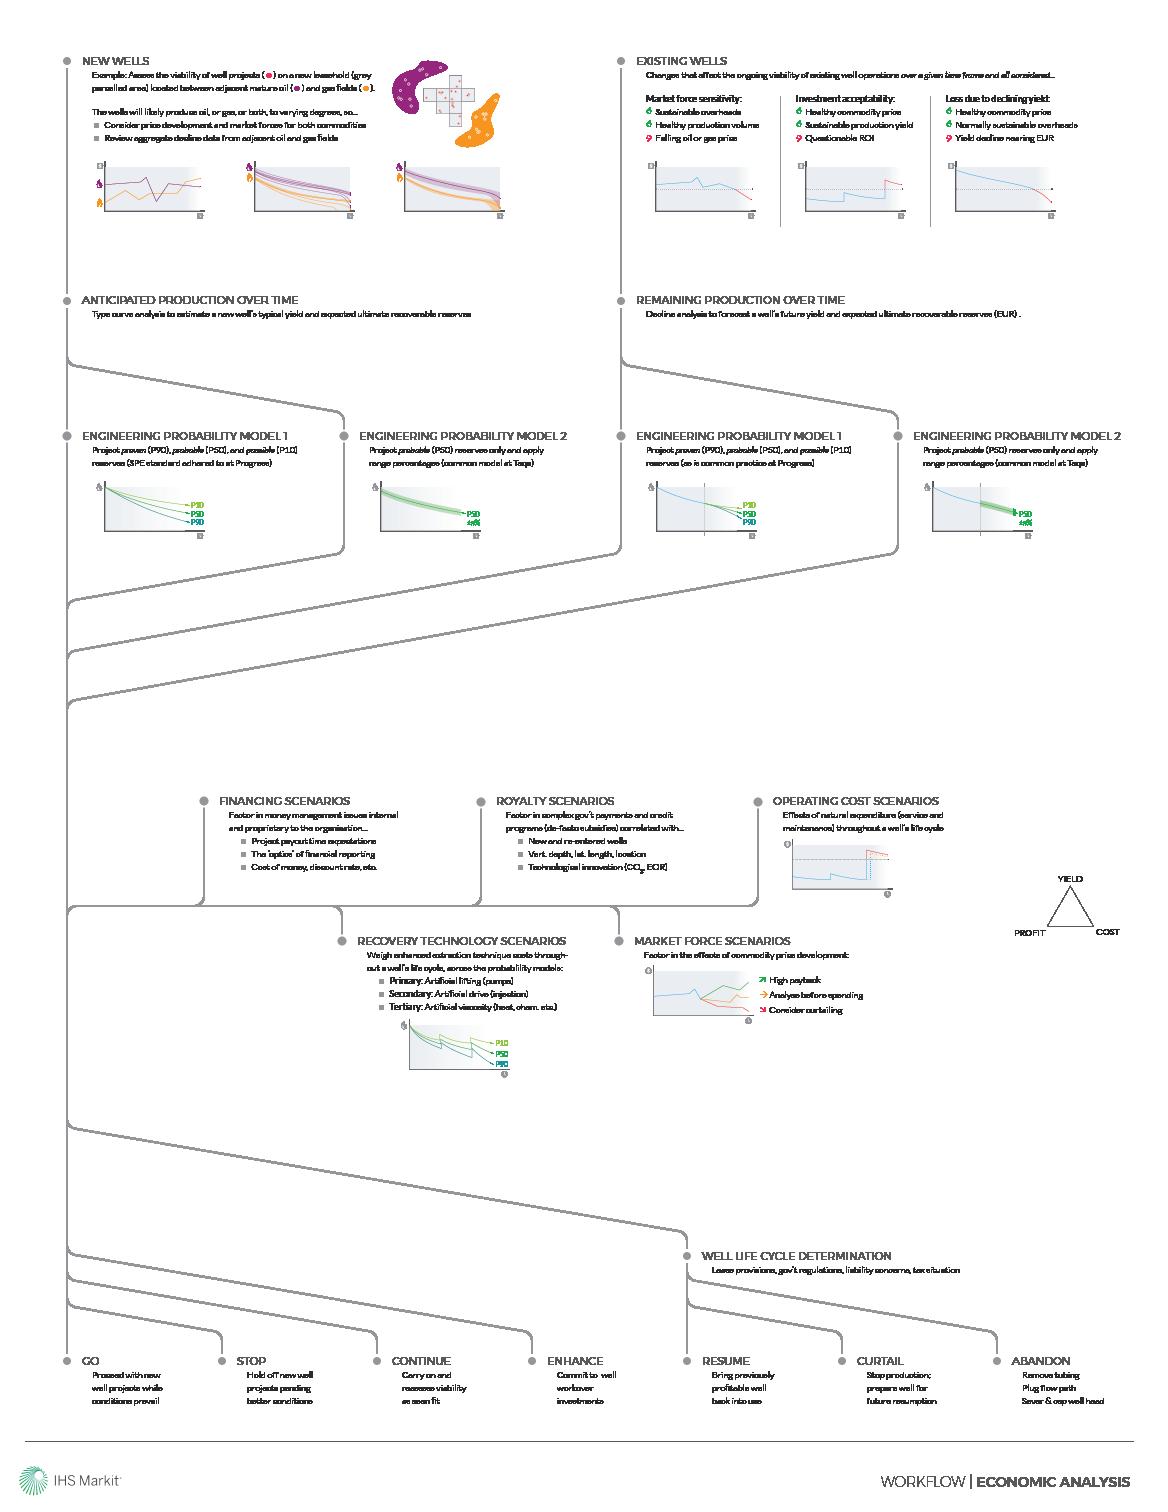 Economics Analysis Workflow.png